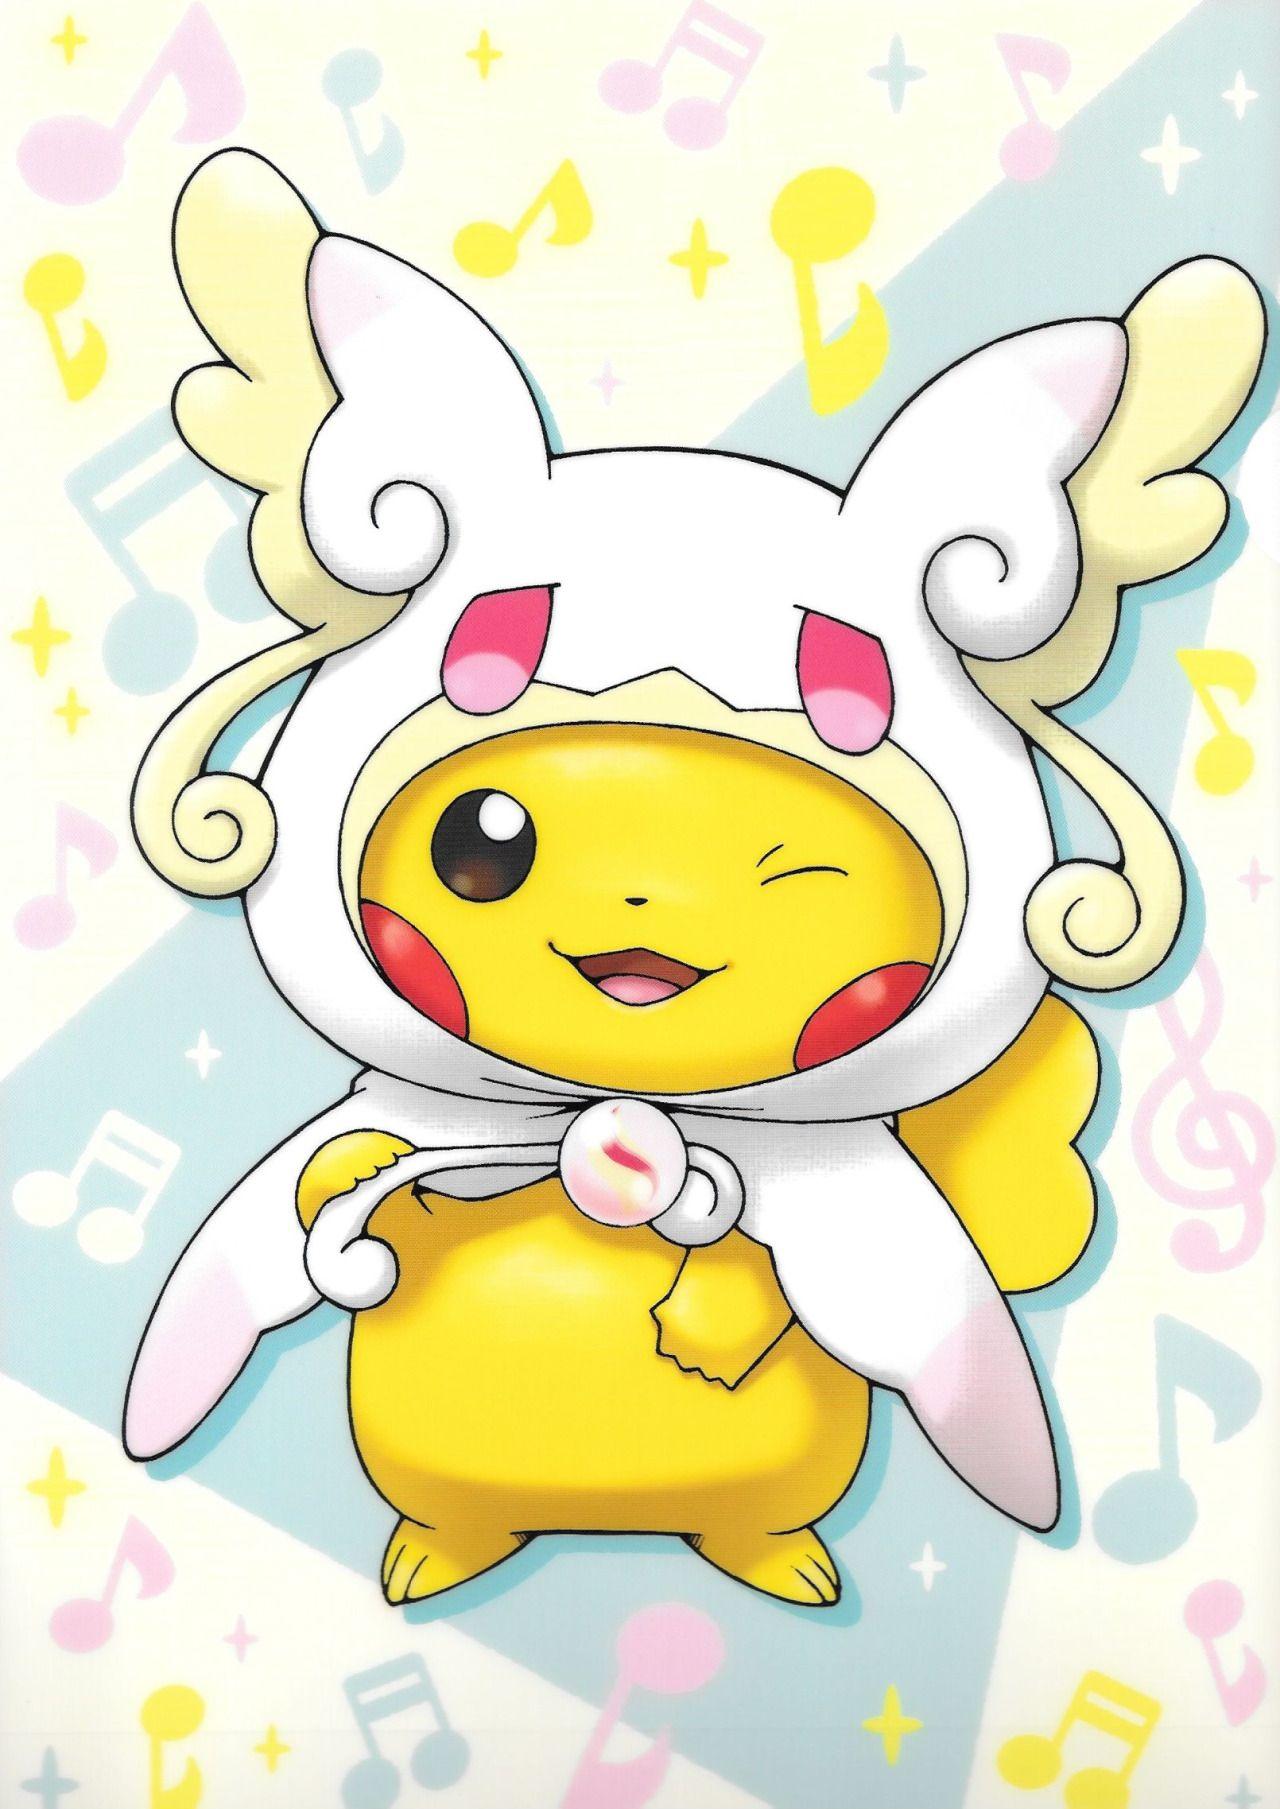 pikachu-mega audino | pokemon | Pinterest | Ausmalbilder, Süß und ...